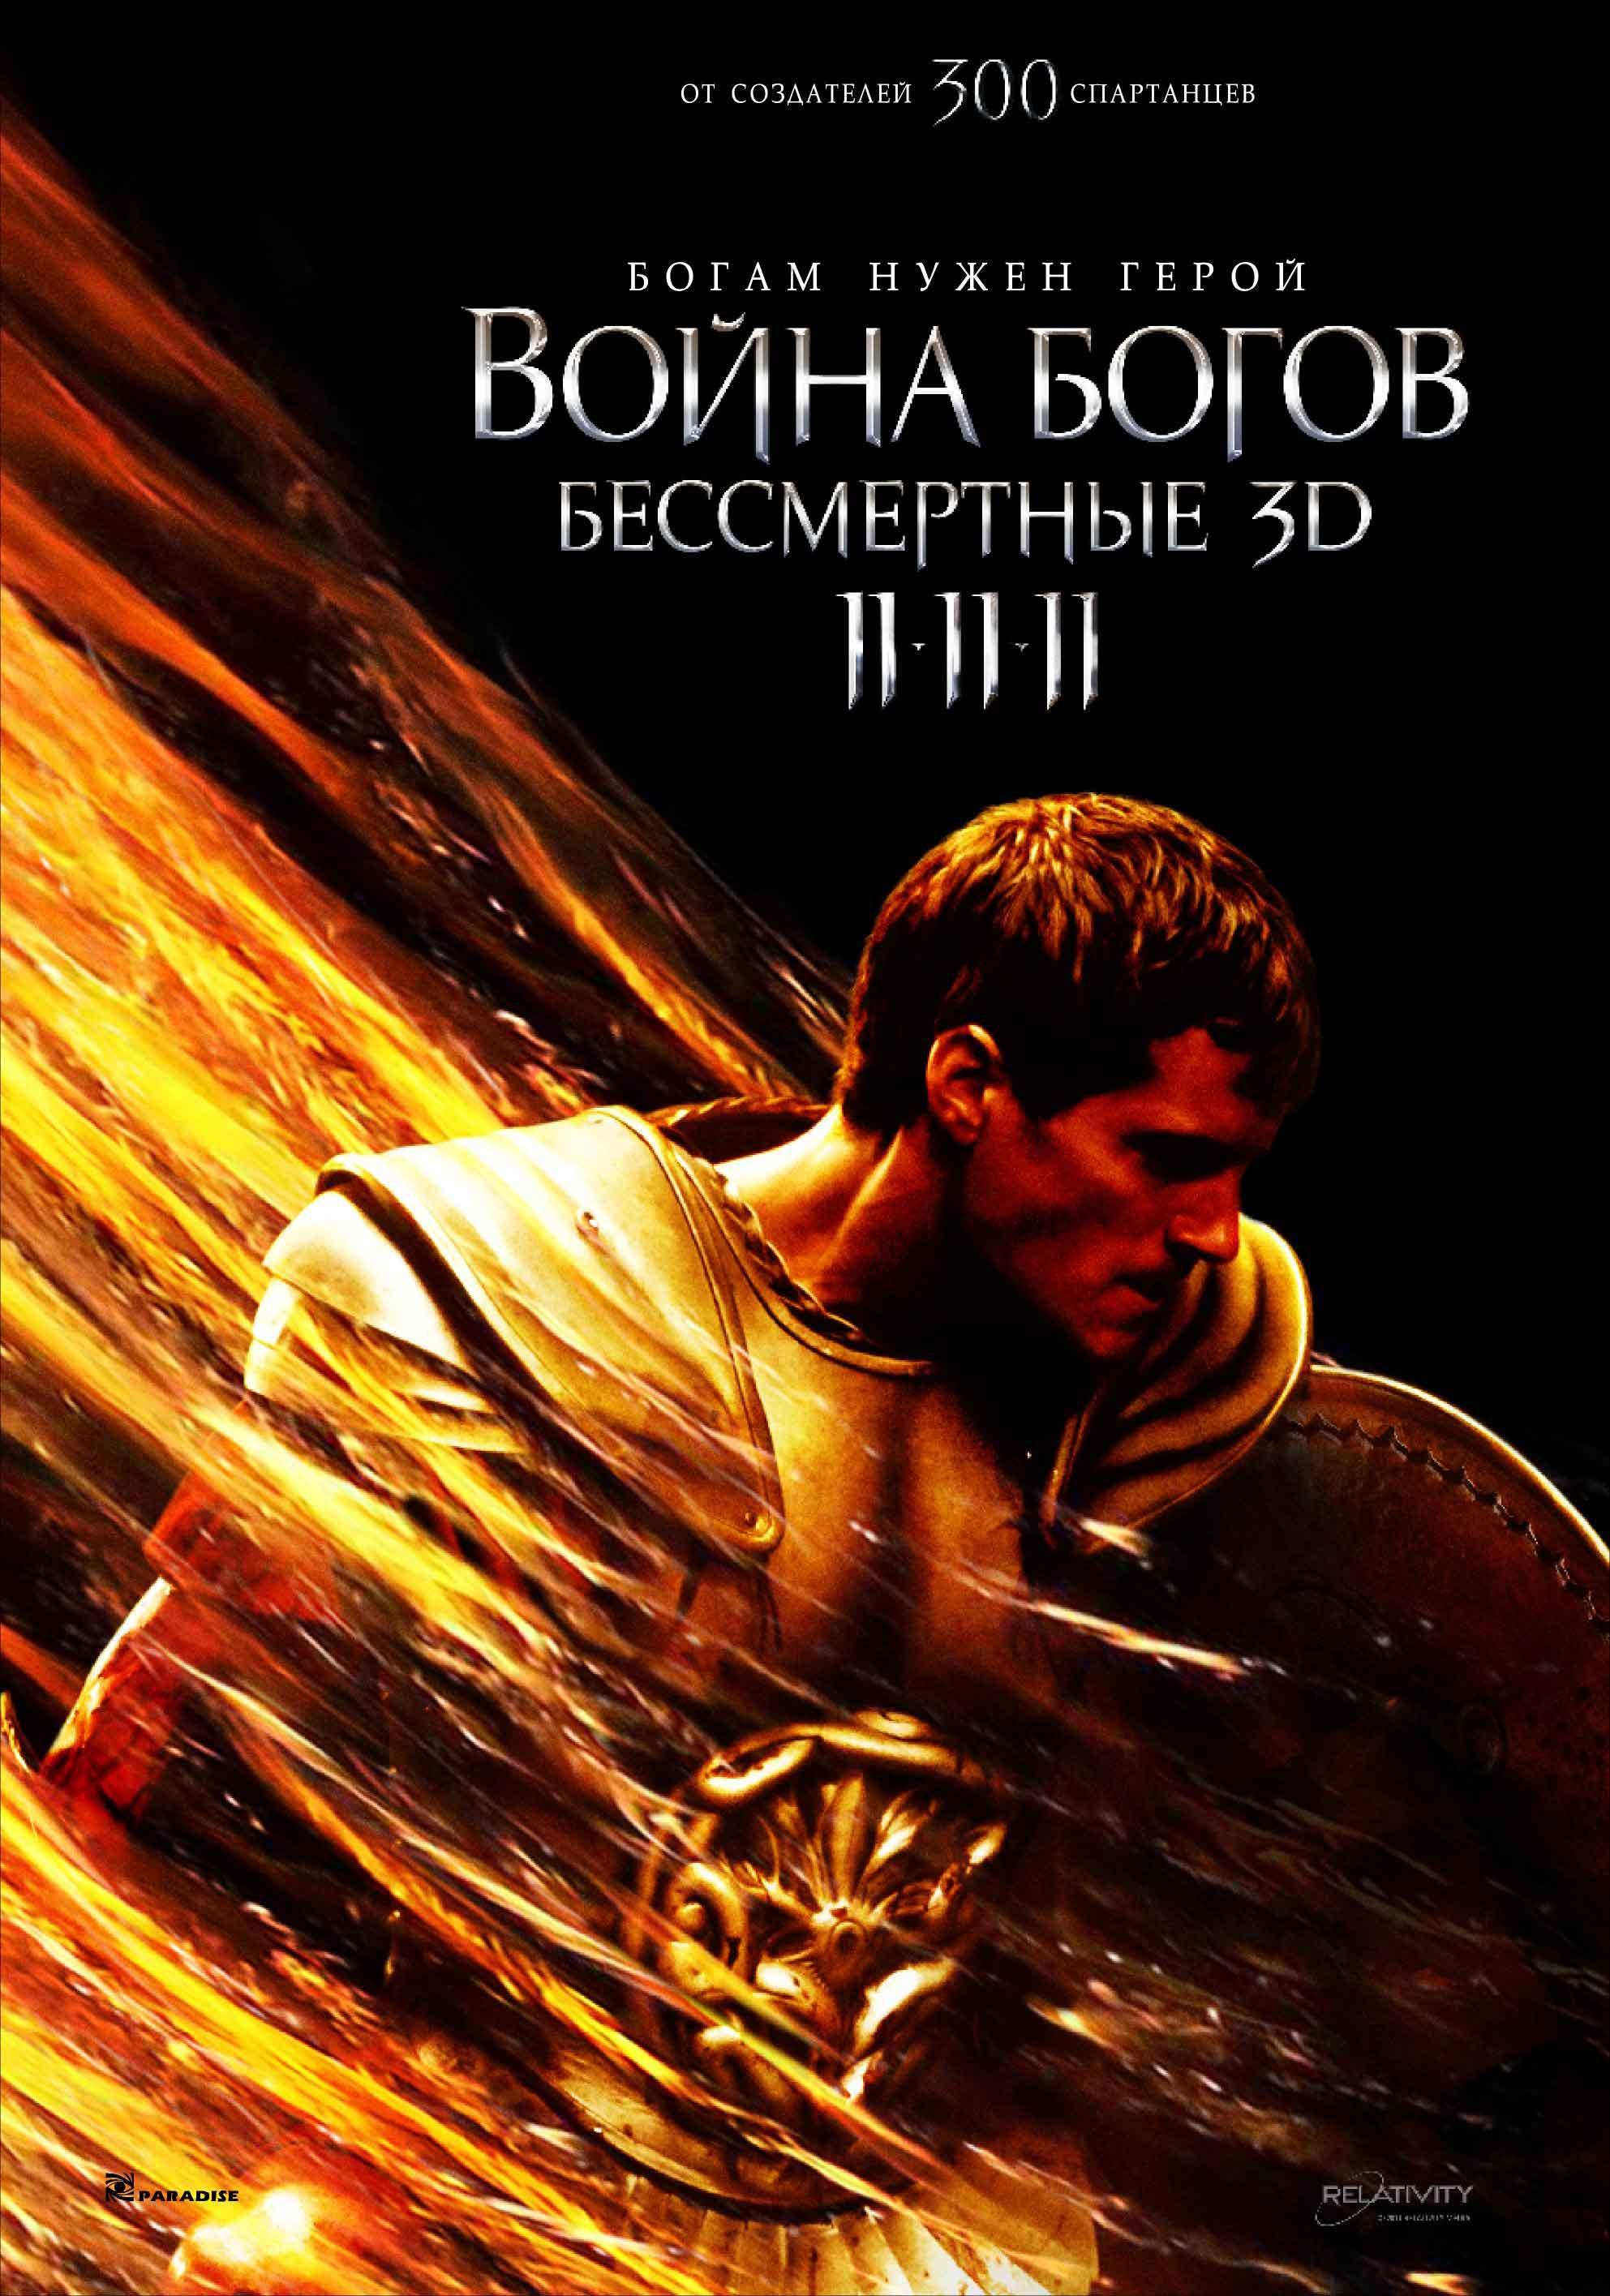 Фильм Война Богов: Бессмертные (2011) смотреть онлайн ...